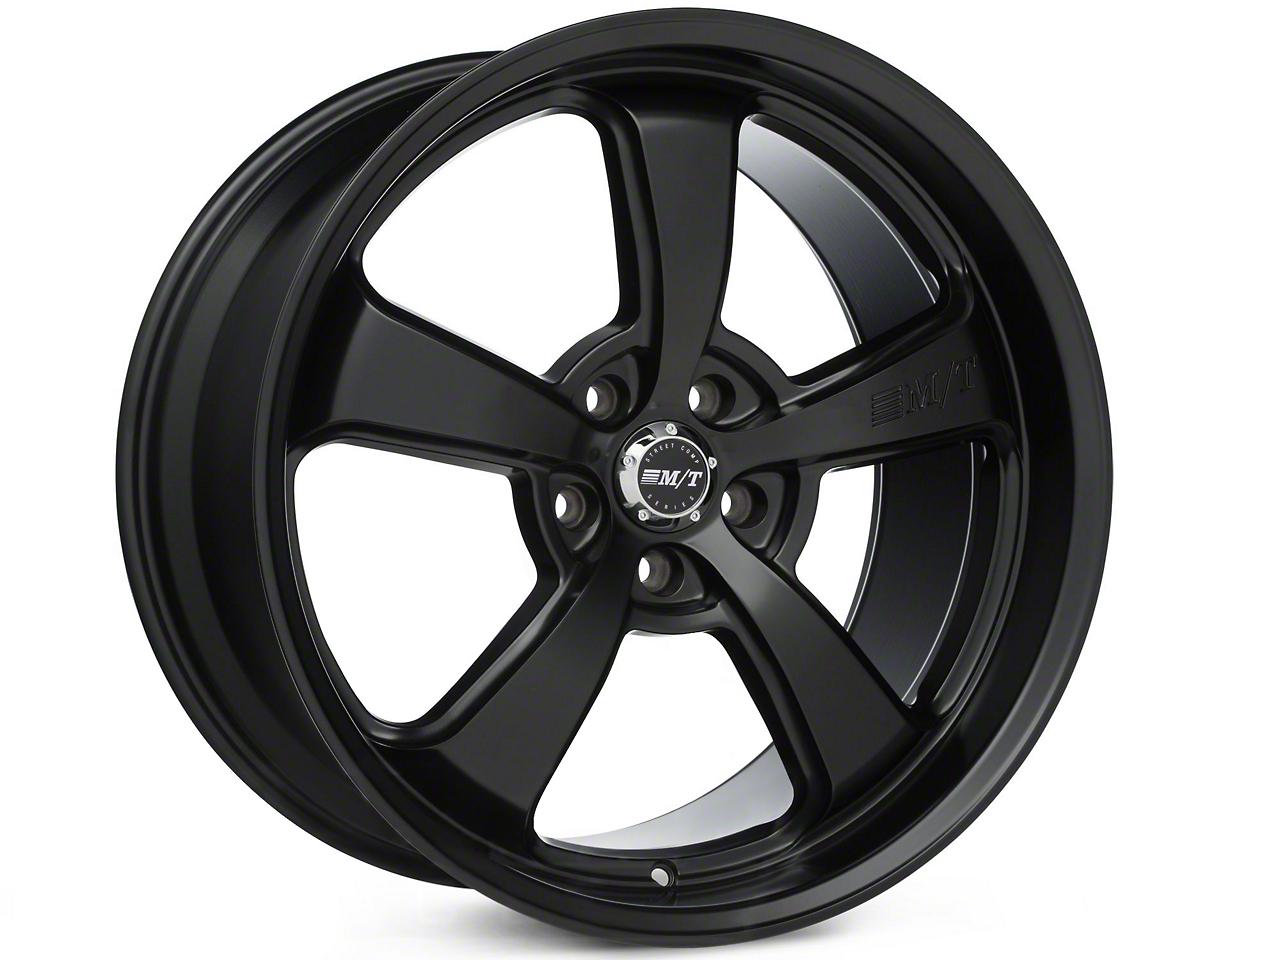 Mickey Thompson SC-5 Flat Black Wheel - 20x10.5 (15-17 V6, EcoBoost)